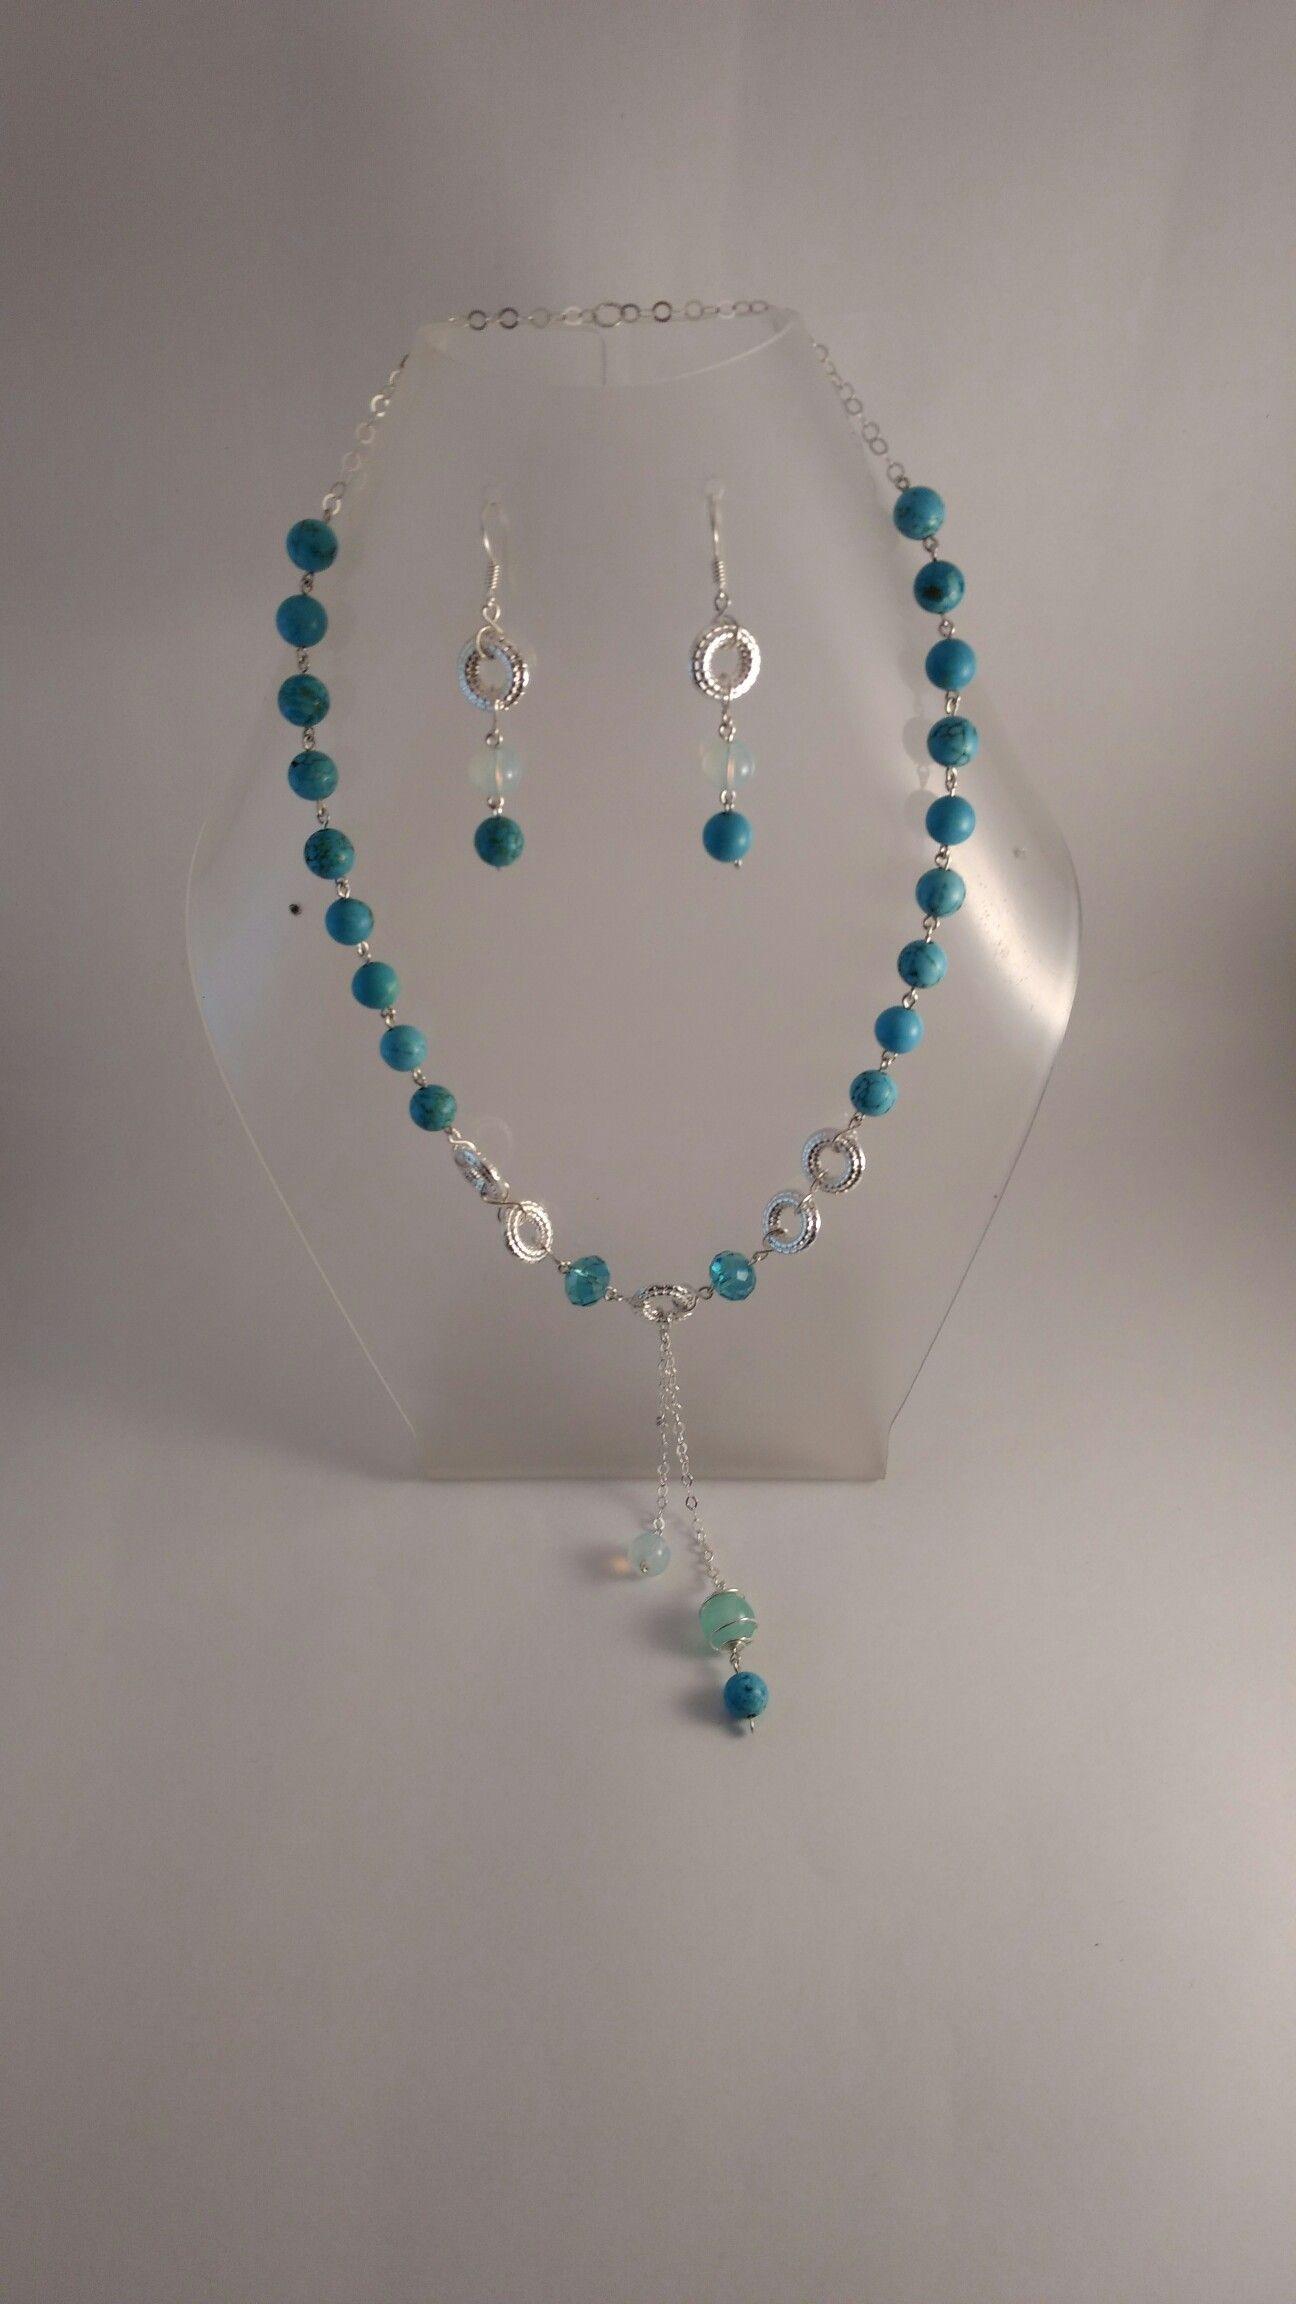 10a053526abe Collar de plata cristales turquesa y rayo de luna